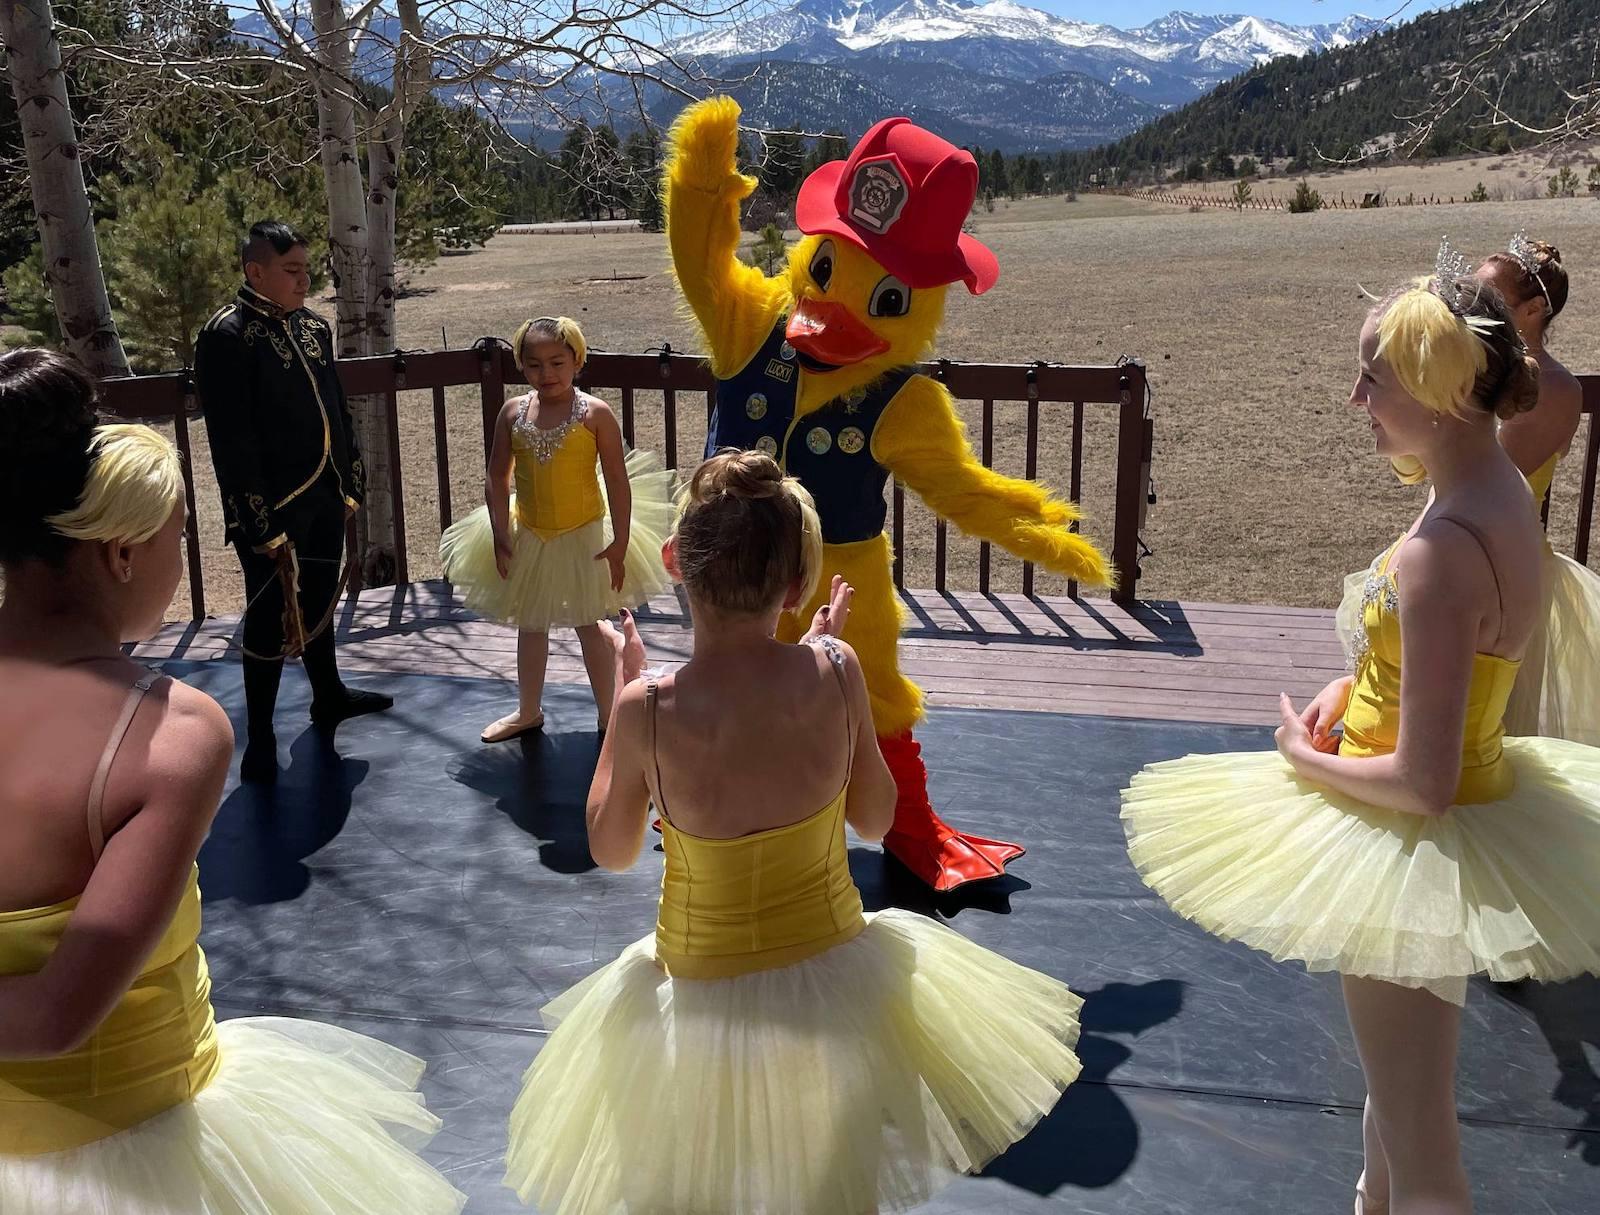 Gambar bebek yang mengenakan kostum melakukan balet dengan penari di Festival Balap Bebek Taman Estes di Colorado